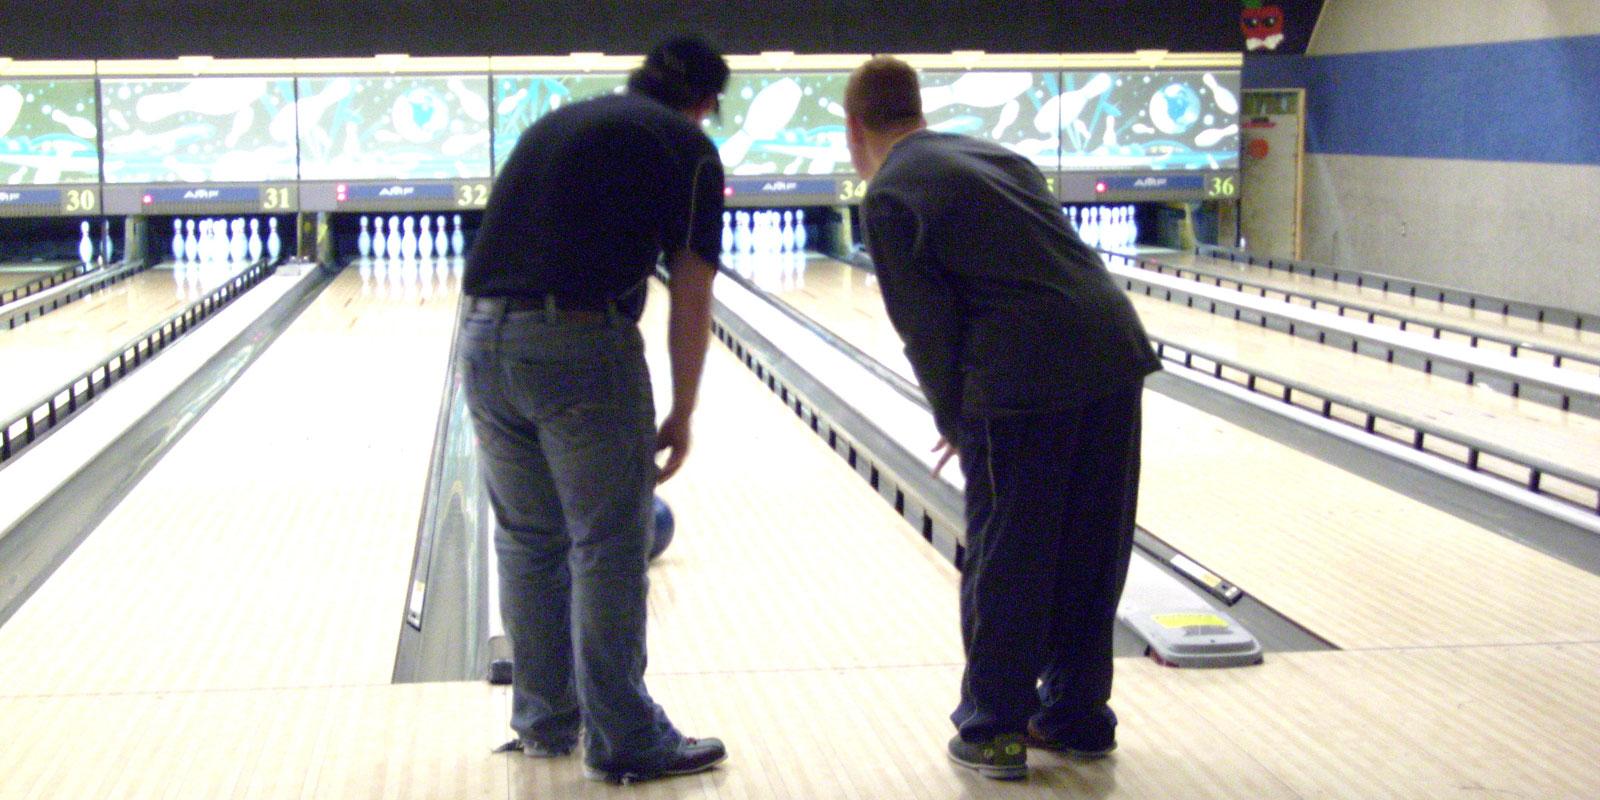 Buddy Bowling